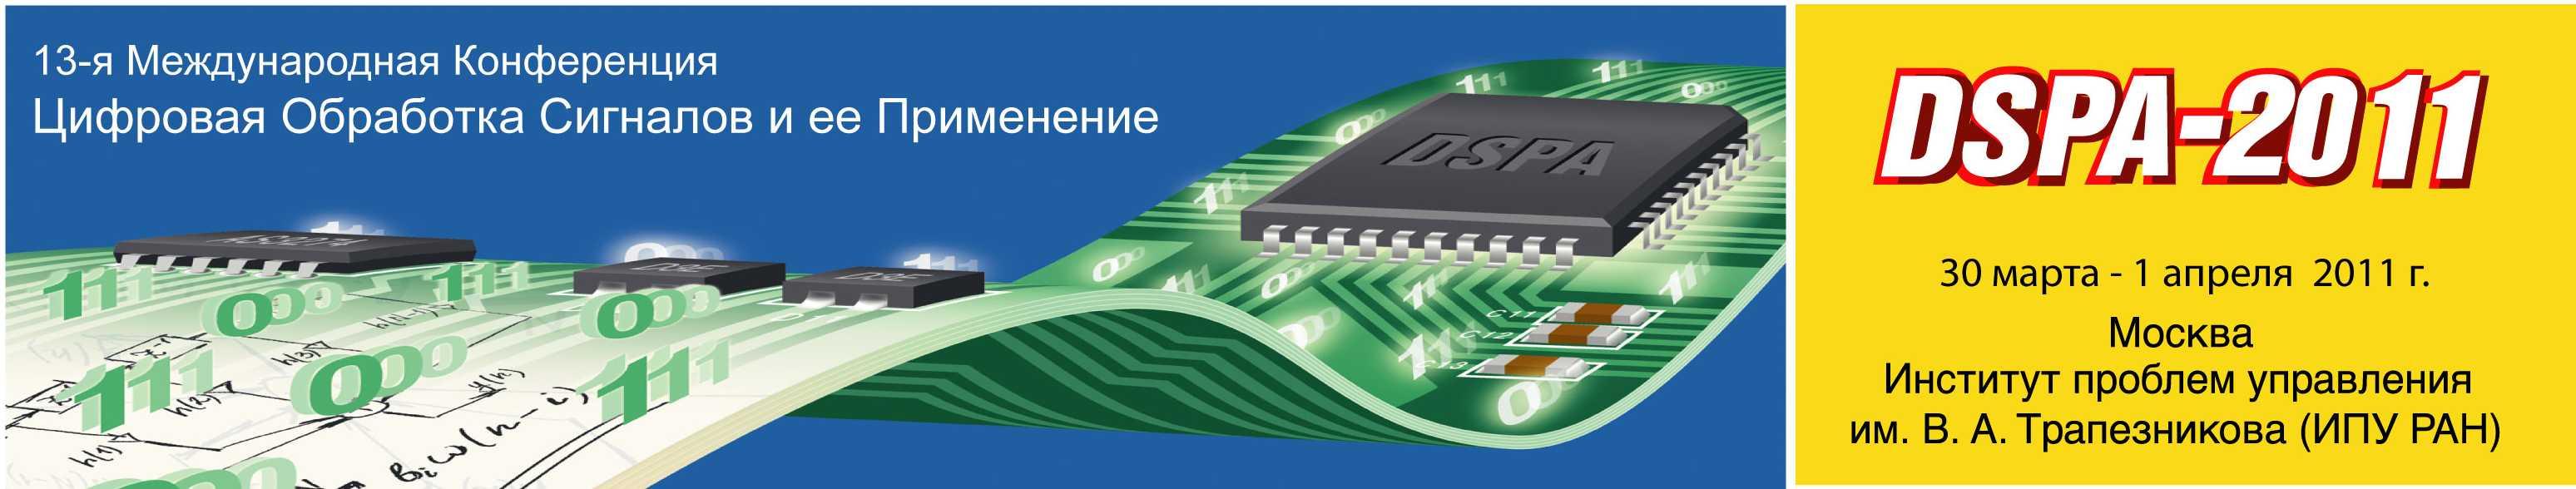 13-я Международная конференция «Цифровая обработка сигналов и её применение – DSPA'2011»